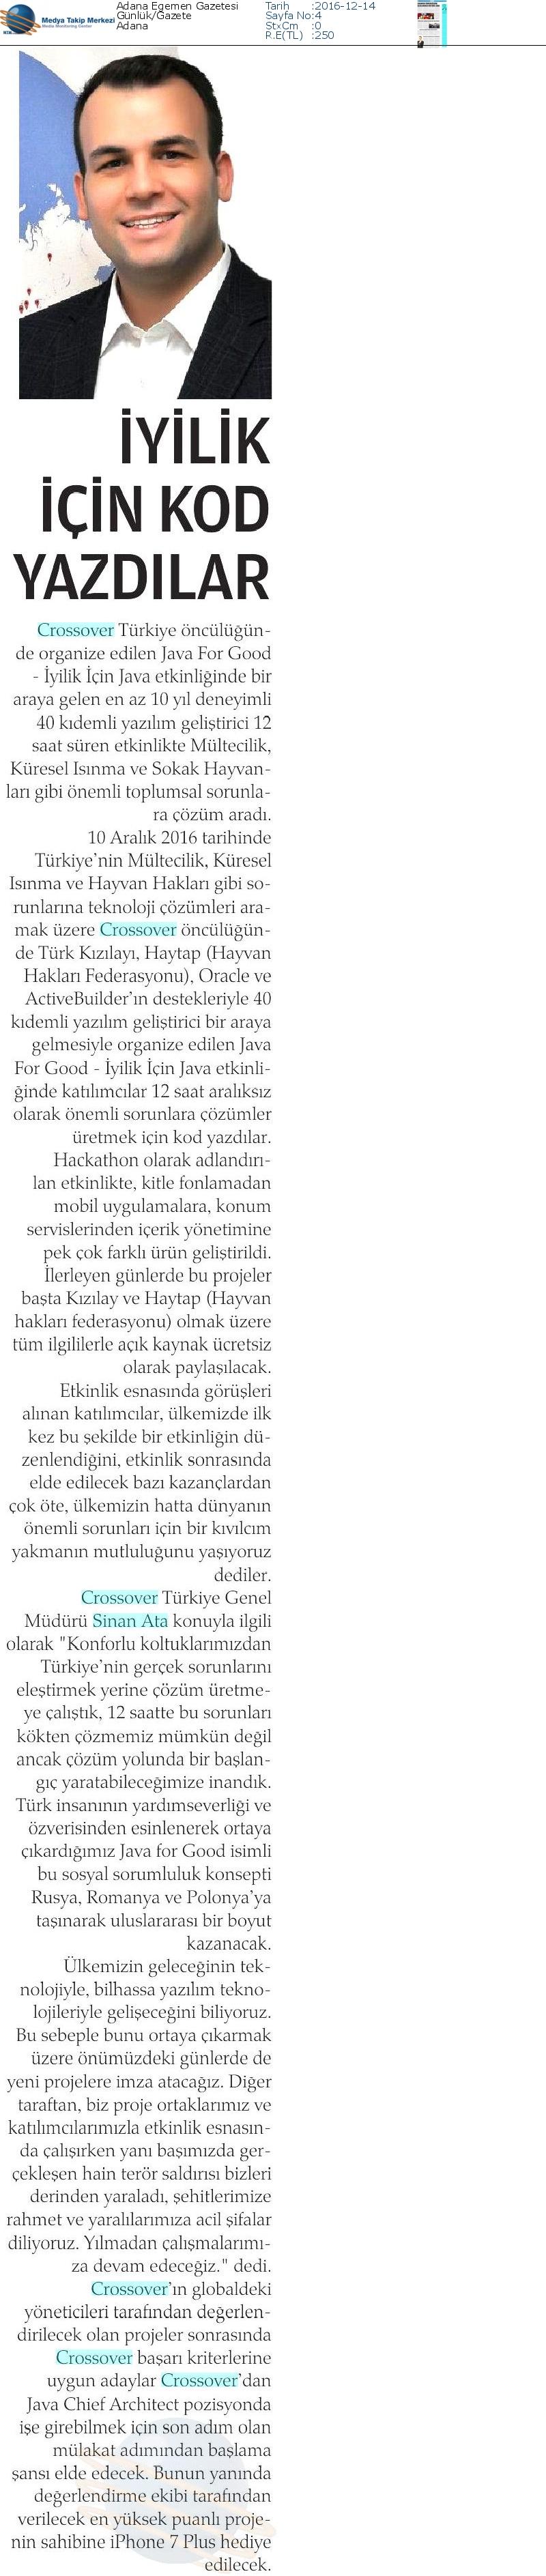 Adana_Egemen_Gazetesi-ÝYÝLÝK_ÝÇÝN_KOD_YAZDILAR-14.12.2016.jpg